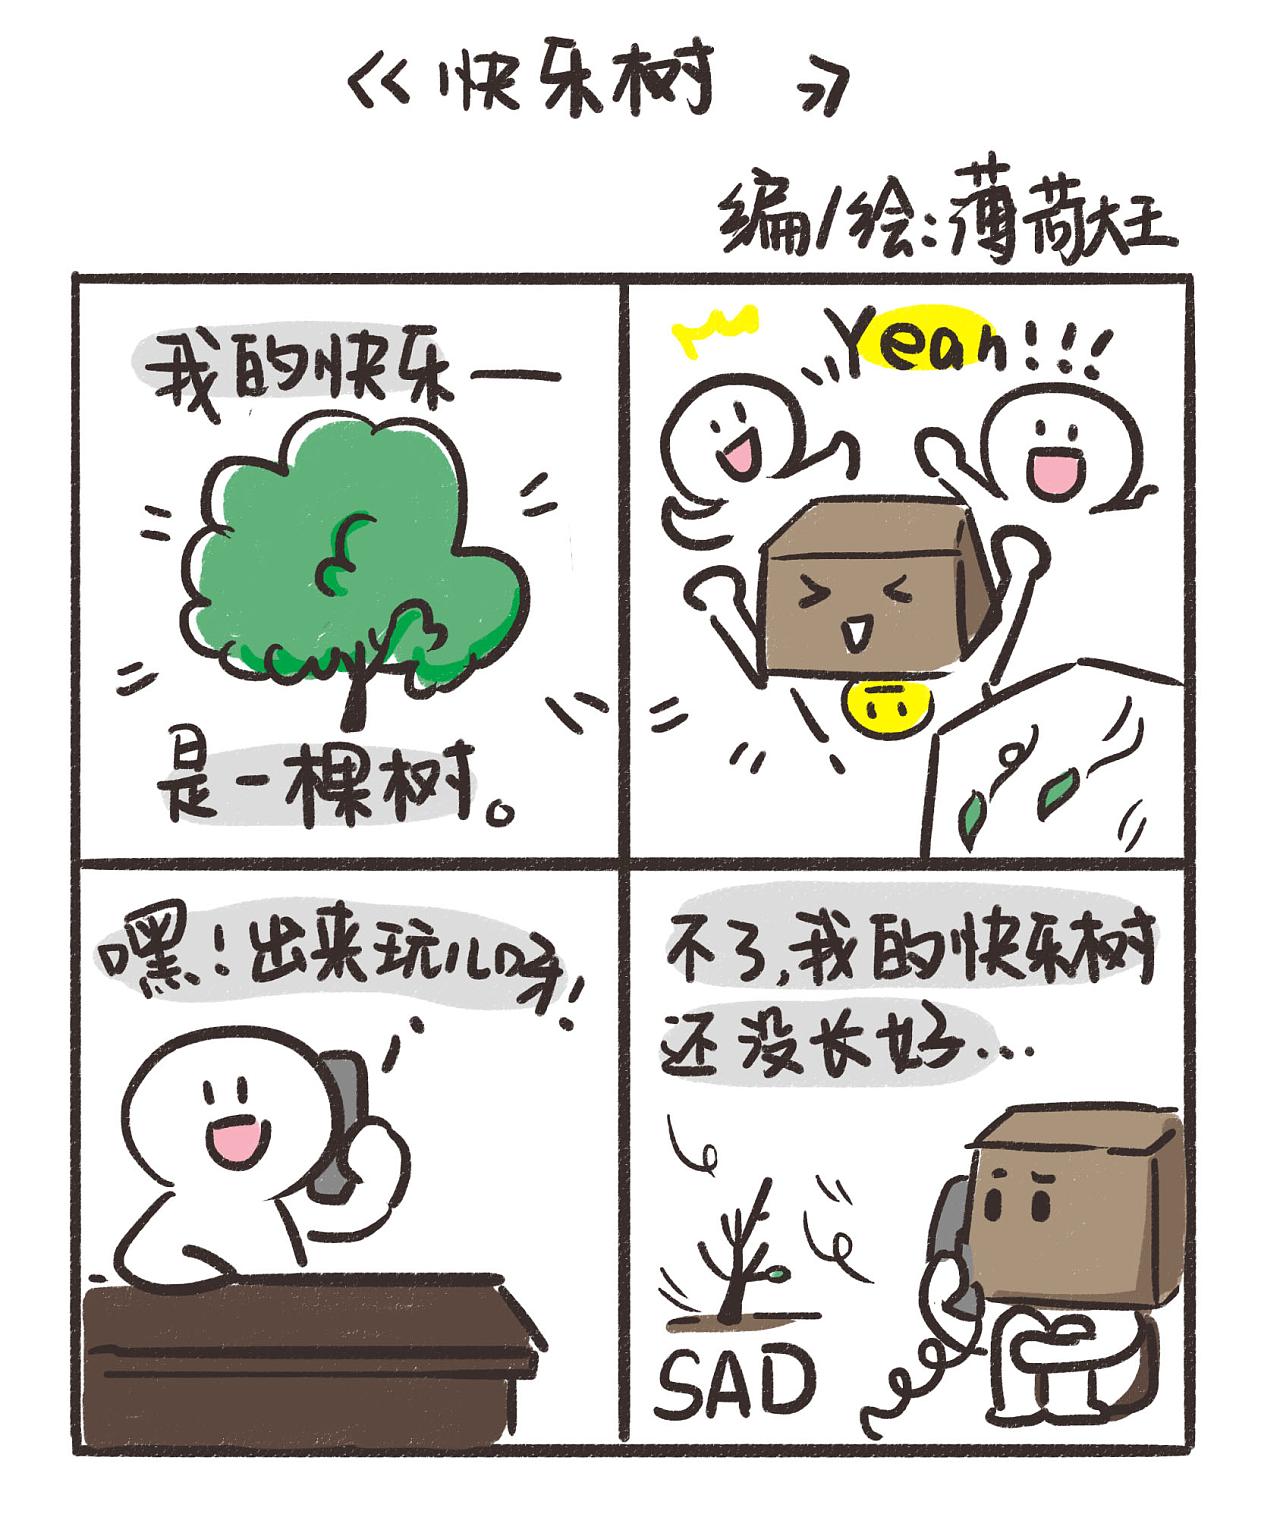 心理漫画一组图片